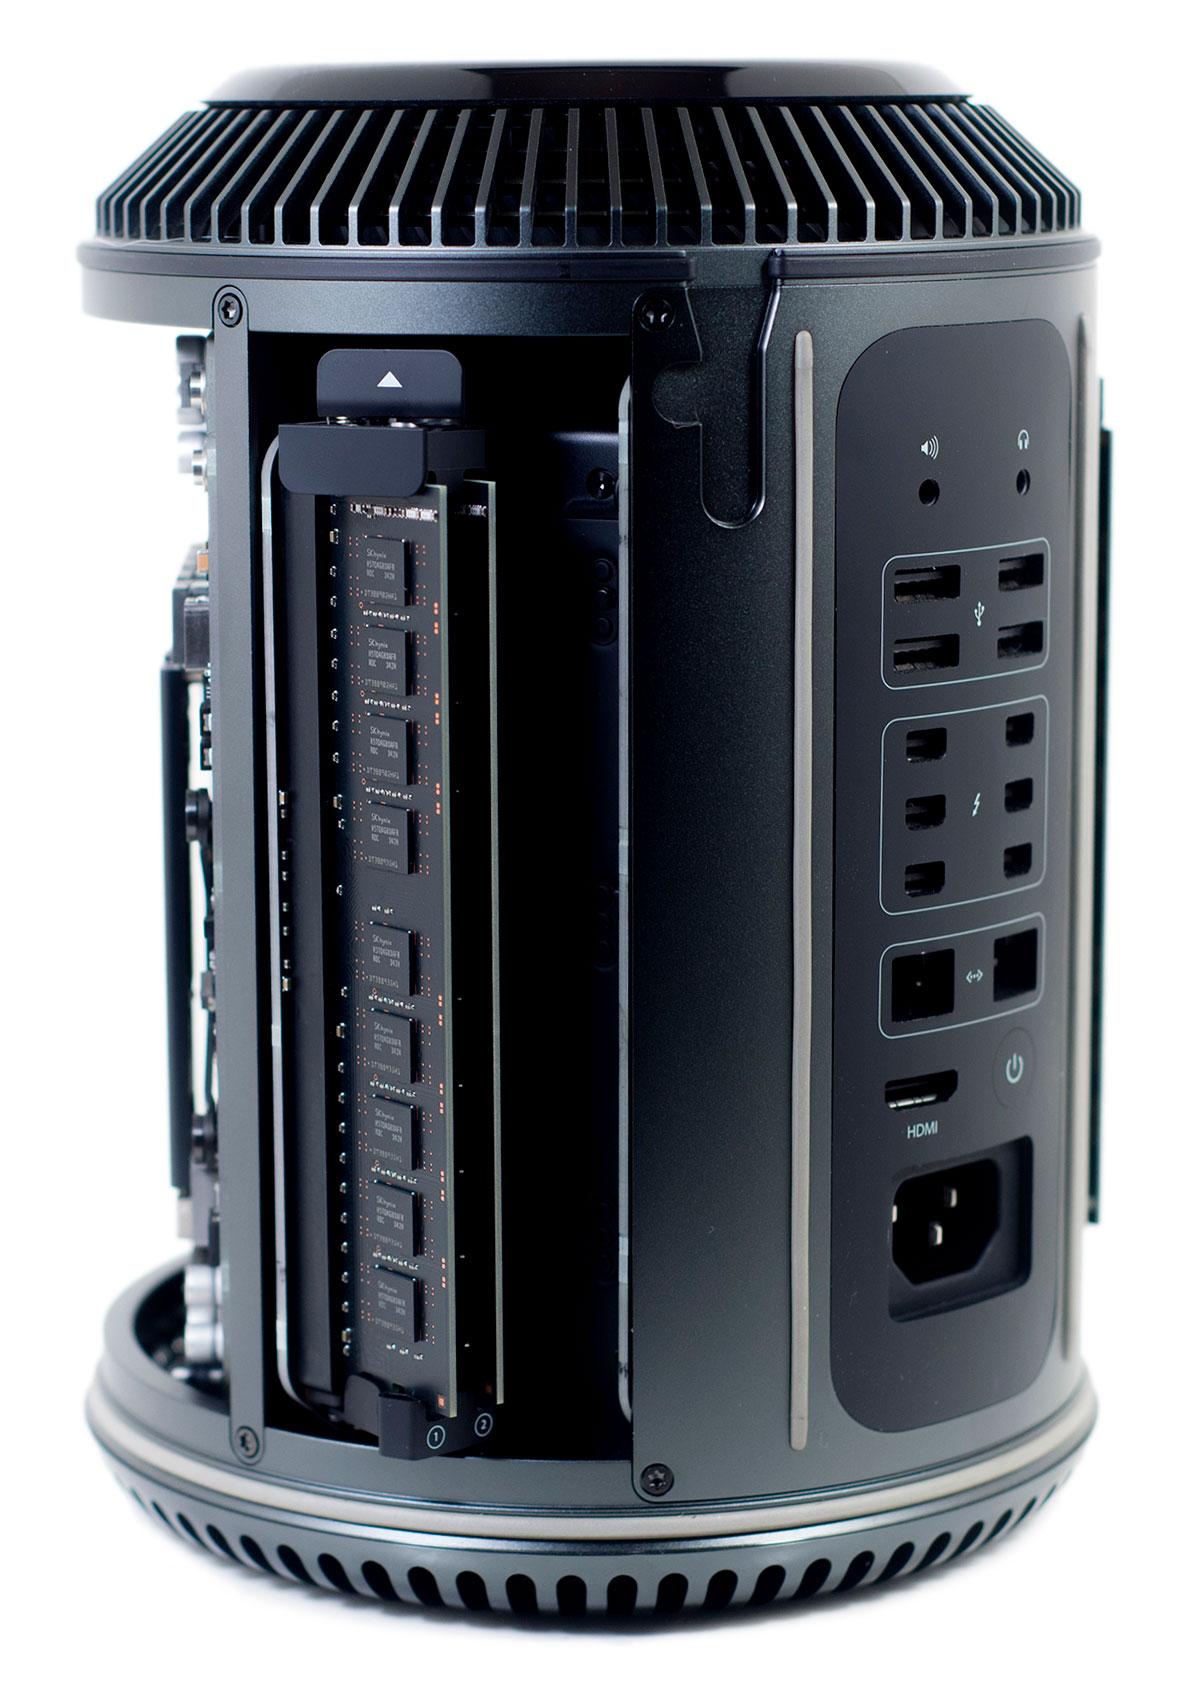 Mac Pro (Late 2013): 2,7-GHz 12-core Intel XEON-Processor - 1 TB SSD - 2x FirePro D300 2 GB - 64 GB RAM (★★★★☆)